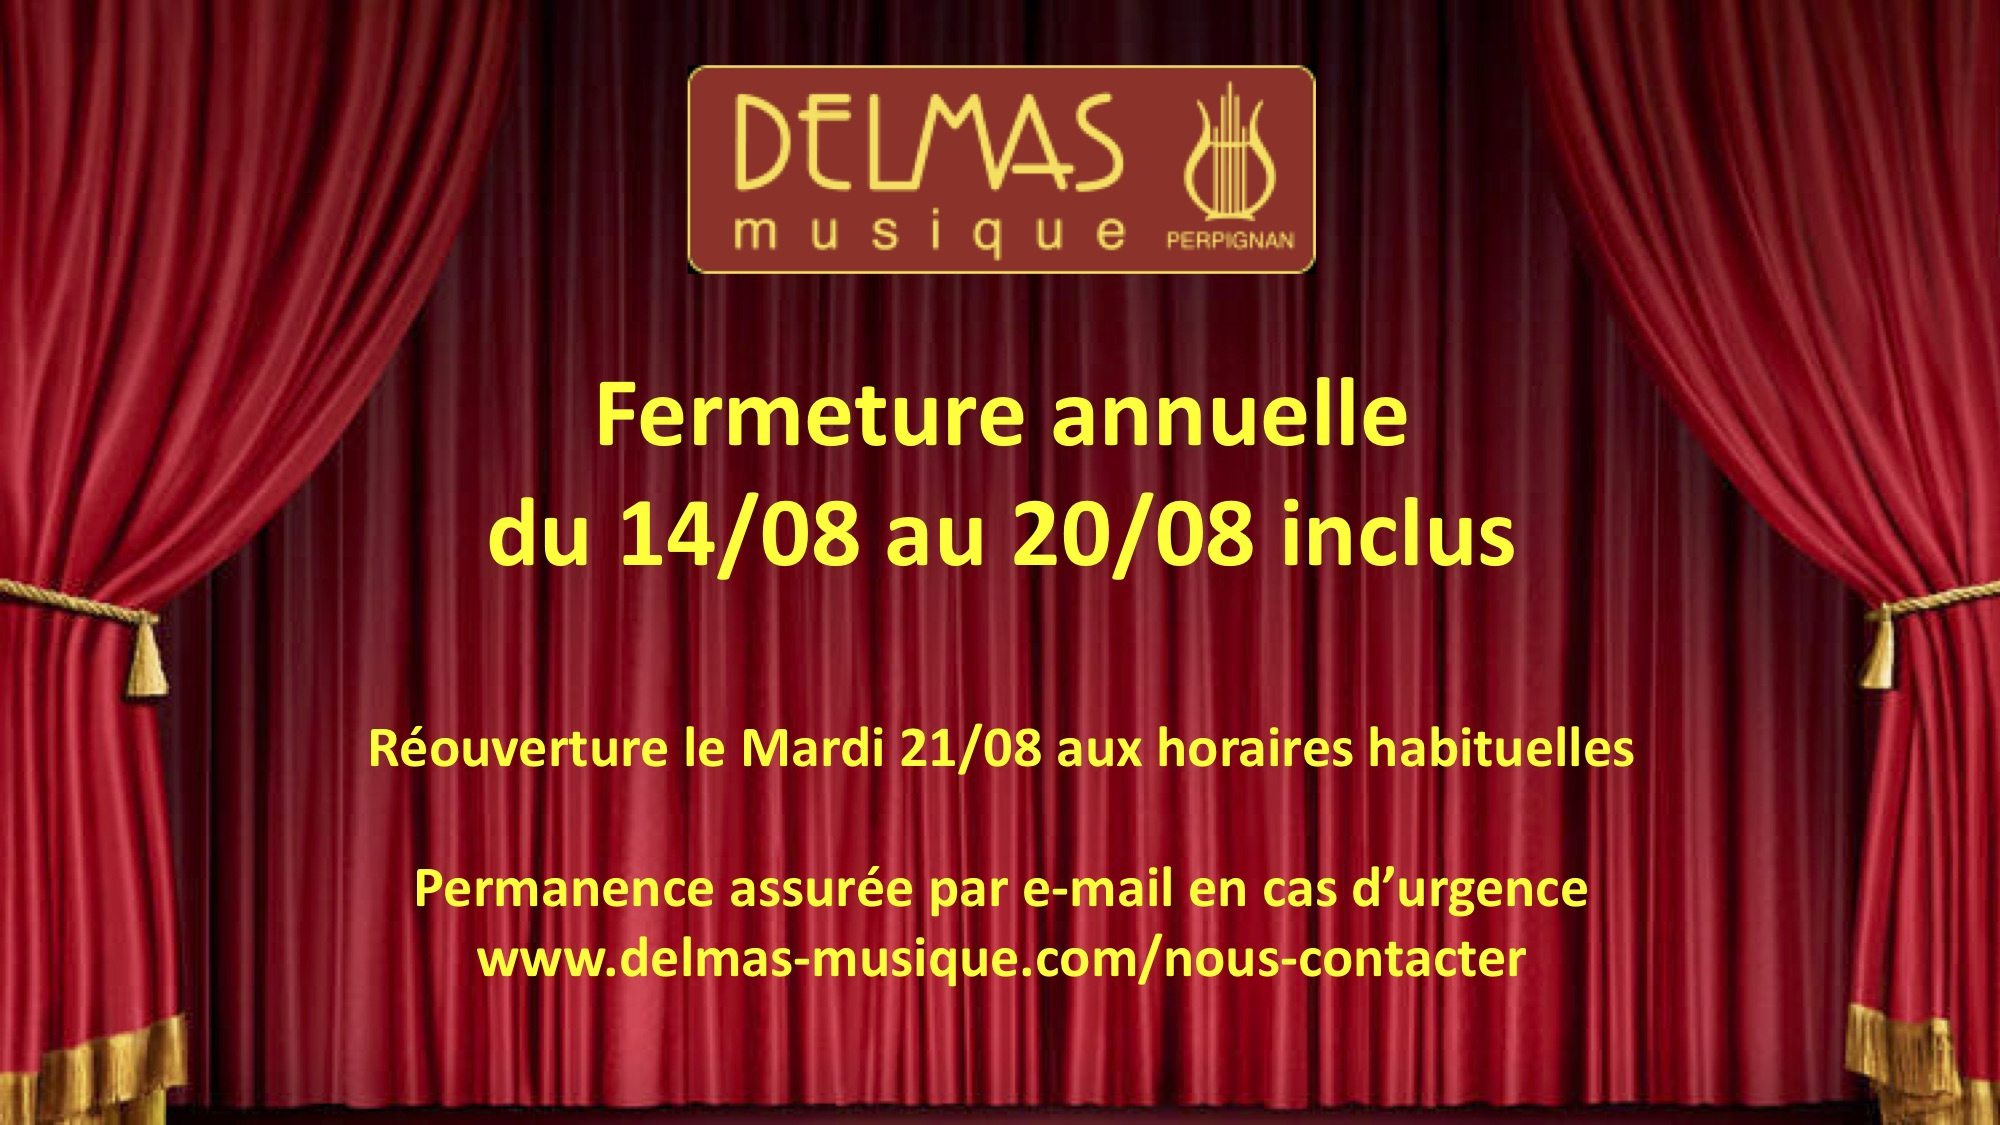 Delmas Musique COngésDELMAS-Aout-V2 Fermeture Annuelle du 14 au 20 Aout 2018. Réouverture le 21/08